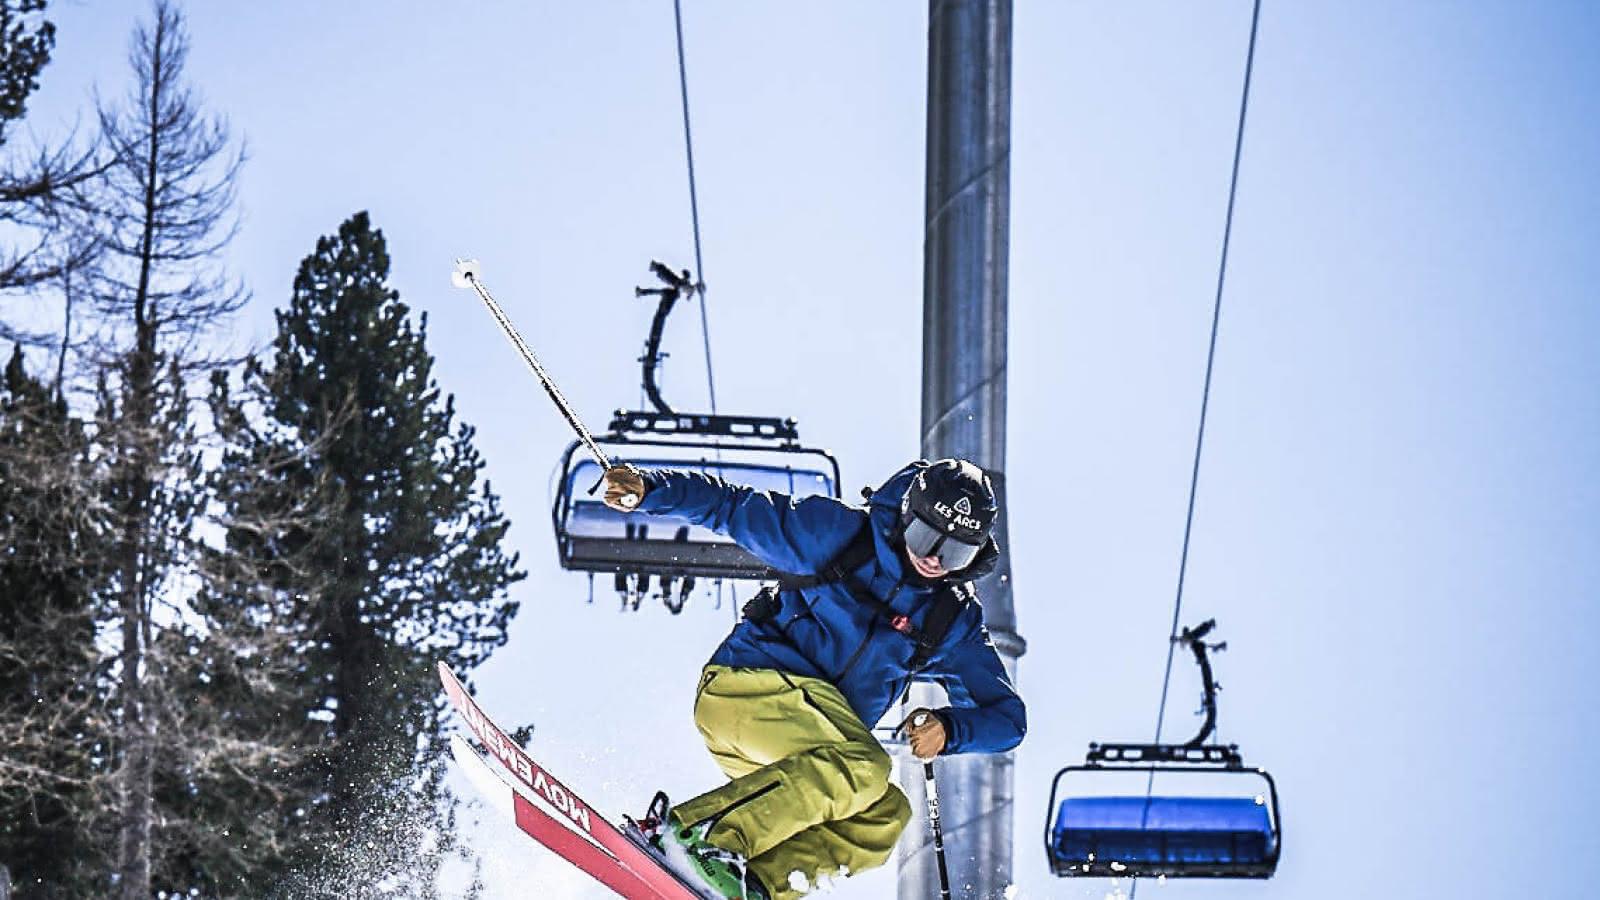 Skieur freeride sous le télésiège du Pré-saint-esprit